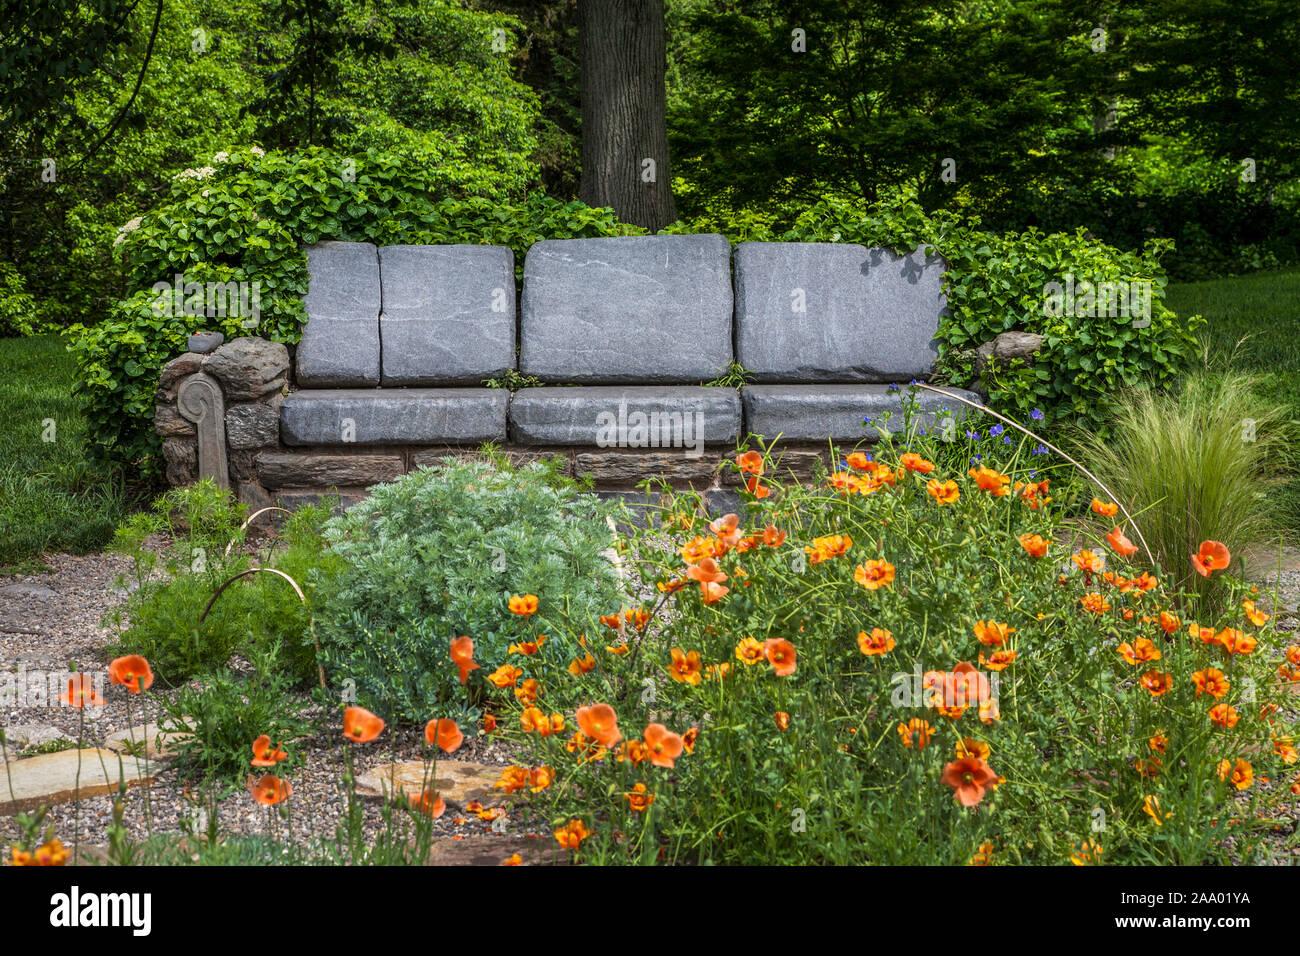 Jardin À L Américaine chaise de jardin en pierre, jardin de coquelicots au jardin